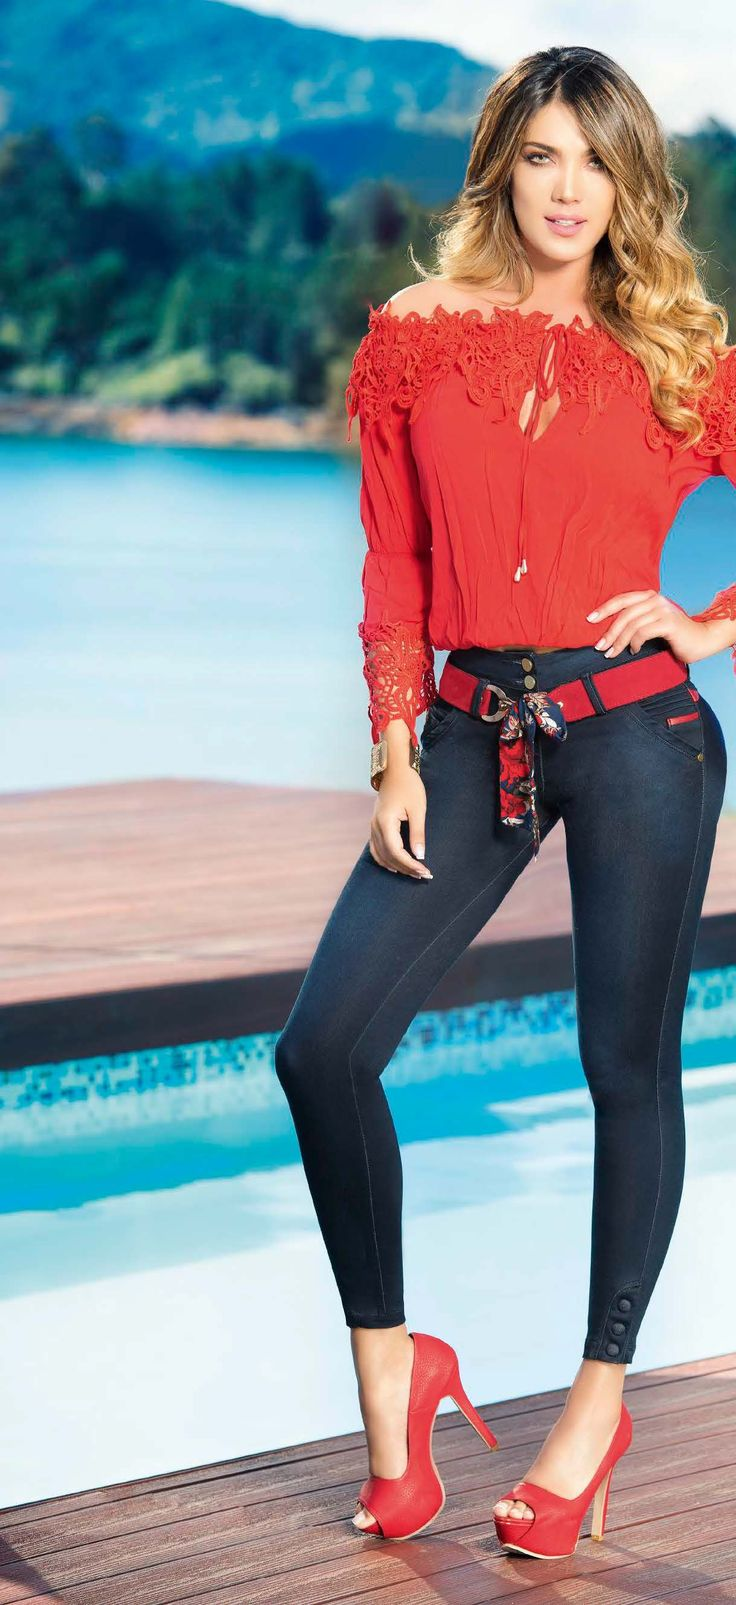 Jeans Colombianos ventas internacionales #jeans #moda #jeanscolombianos #ropa #tiendaonline  #fashion